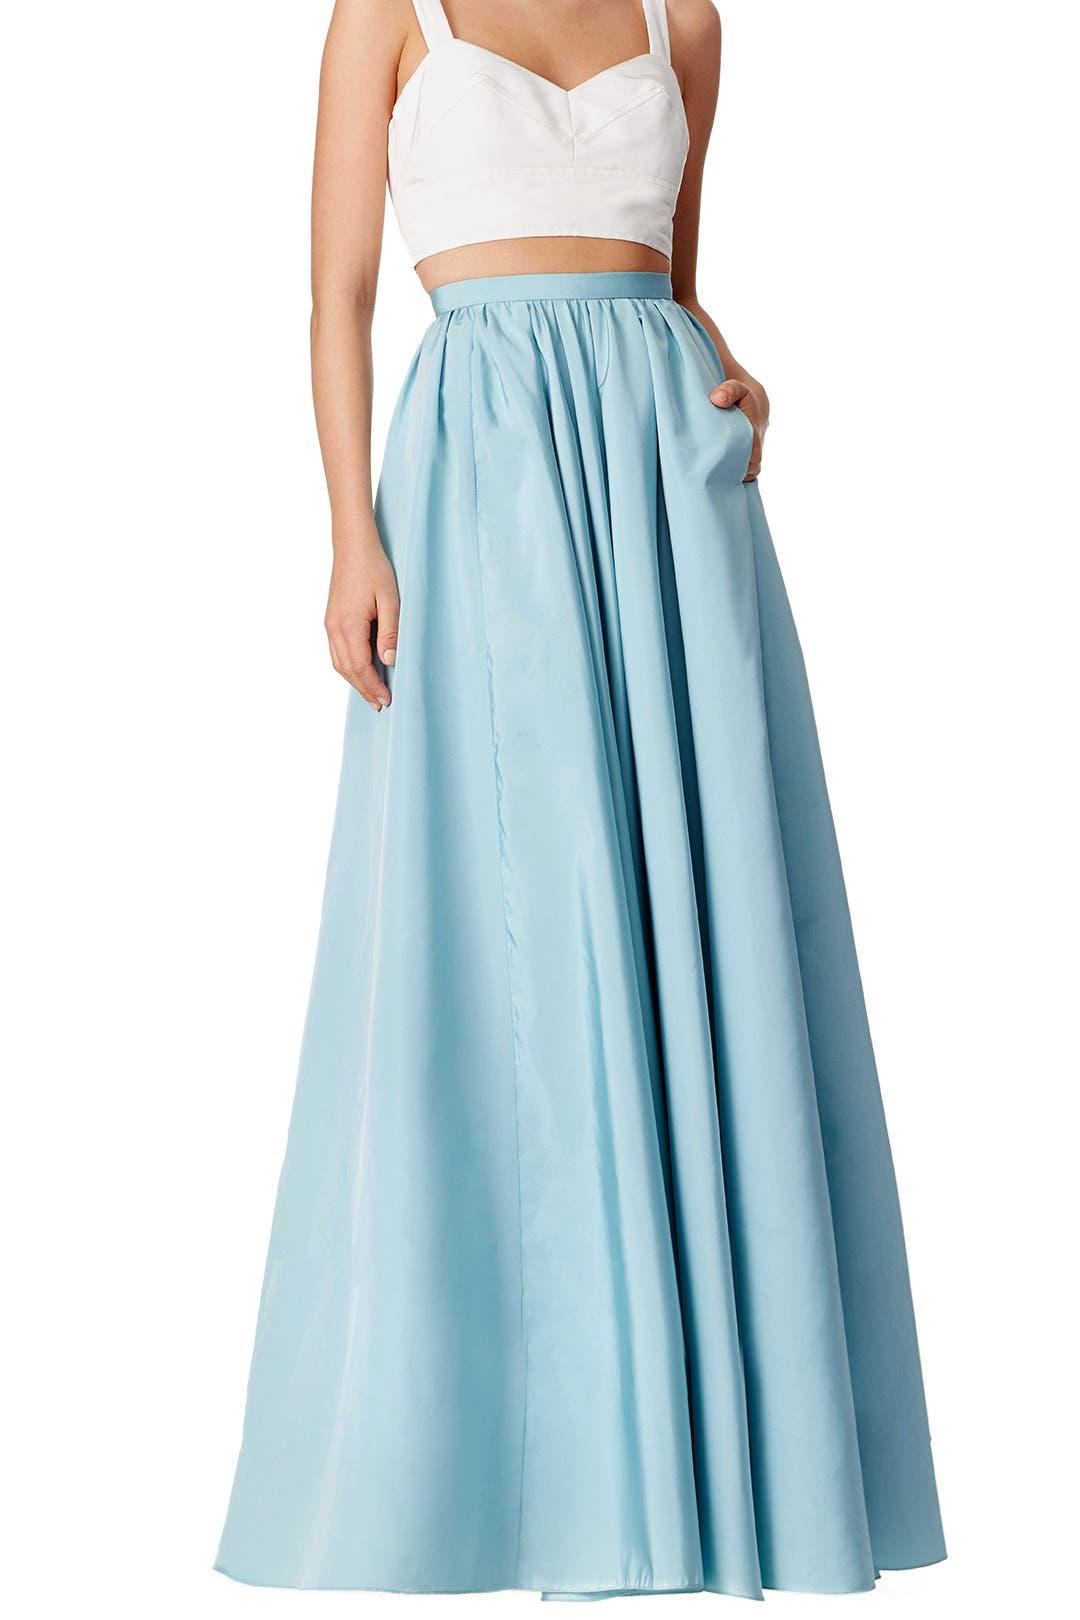 Modern Love Skirt by Jill Jill Stuart for $99 | Rent the Runway